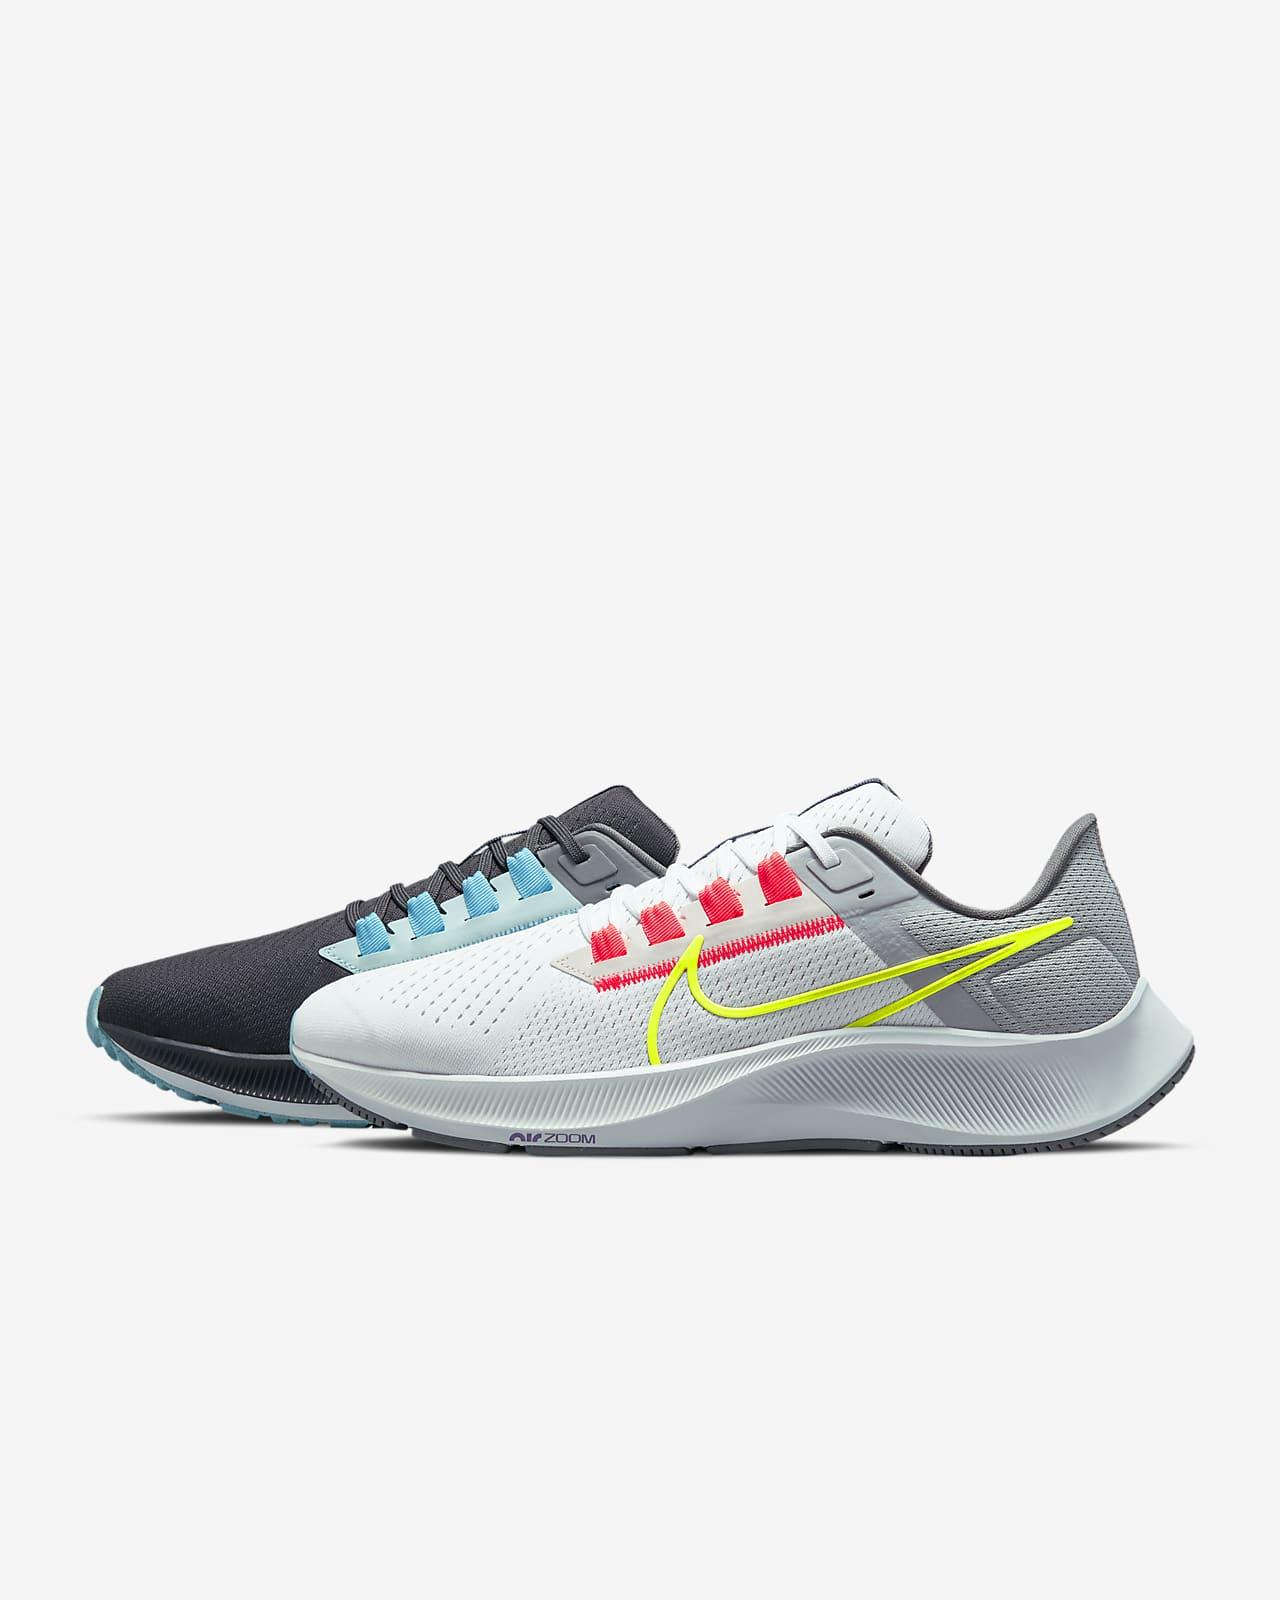 Ανδρικά παπούτσια για τρέξιμο Nike Air Zoom Pegasus 38 Limited Edition